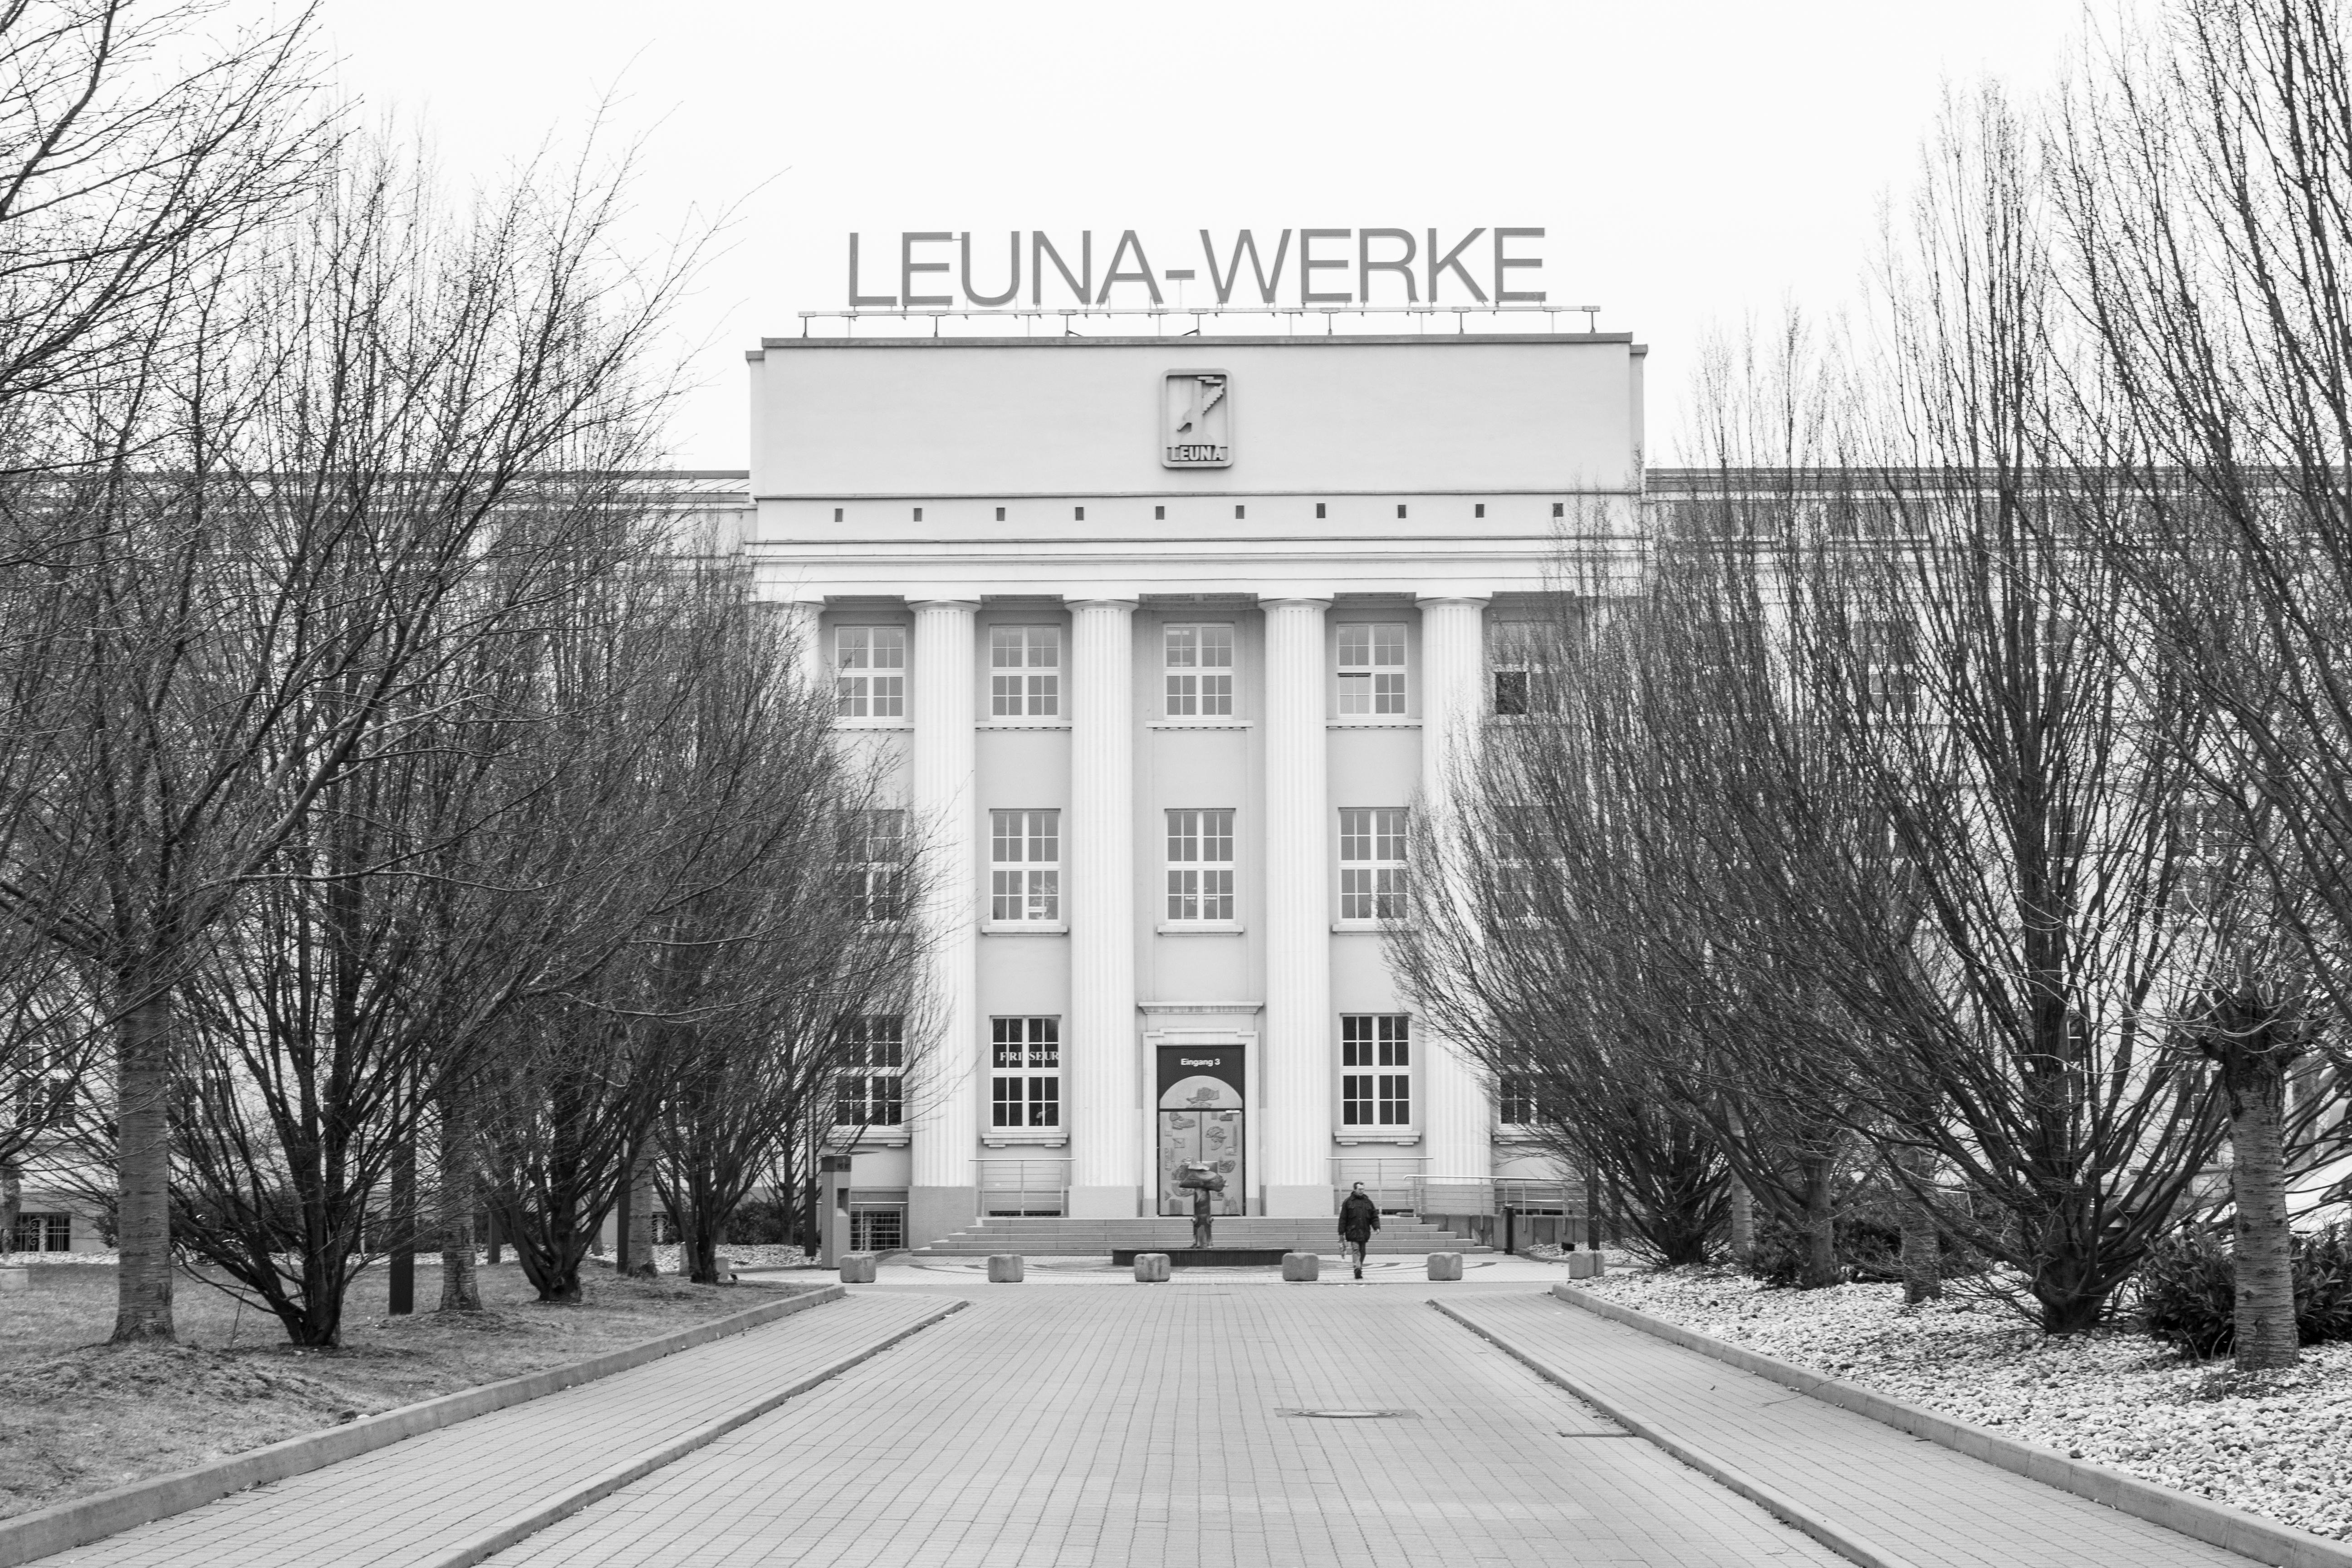 Ihr Immobilienmakler für Leuna | Haus verkaufen | Immobilie verkaufen in Leuna